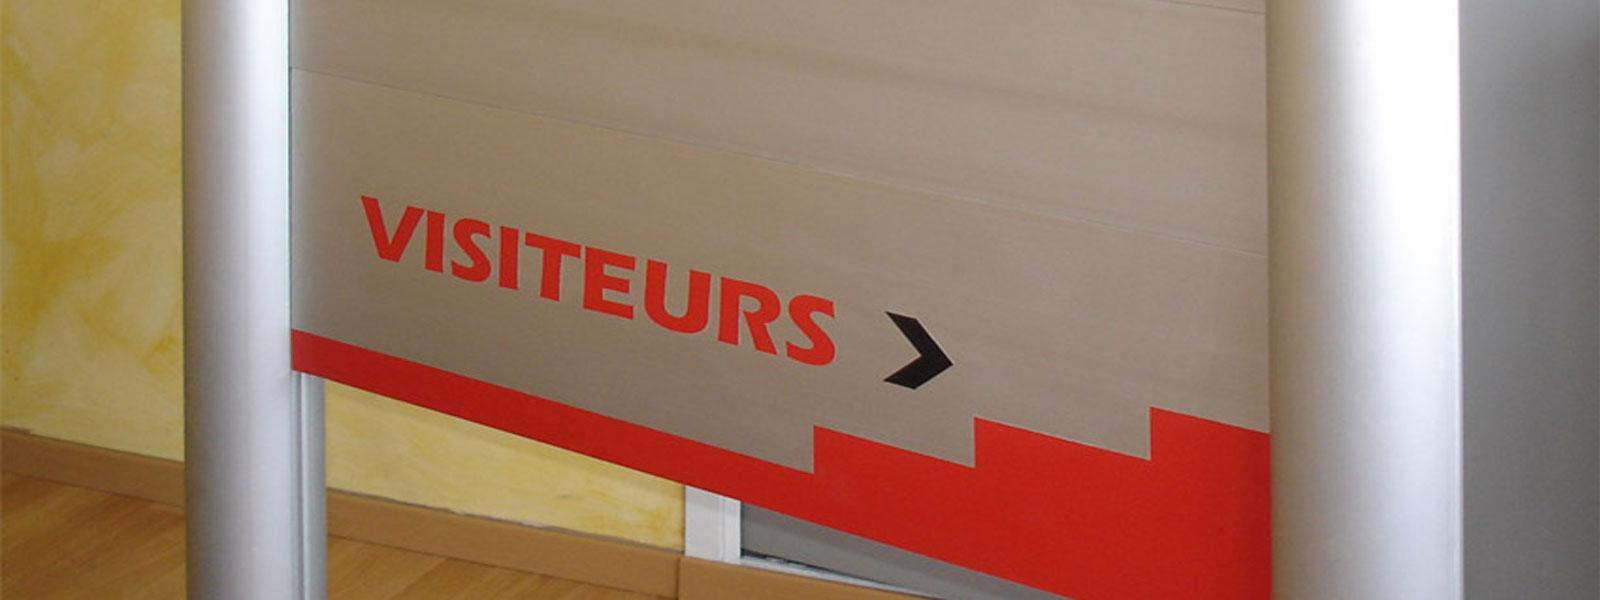 panneau directionnel visiteur